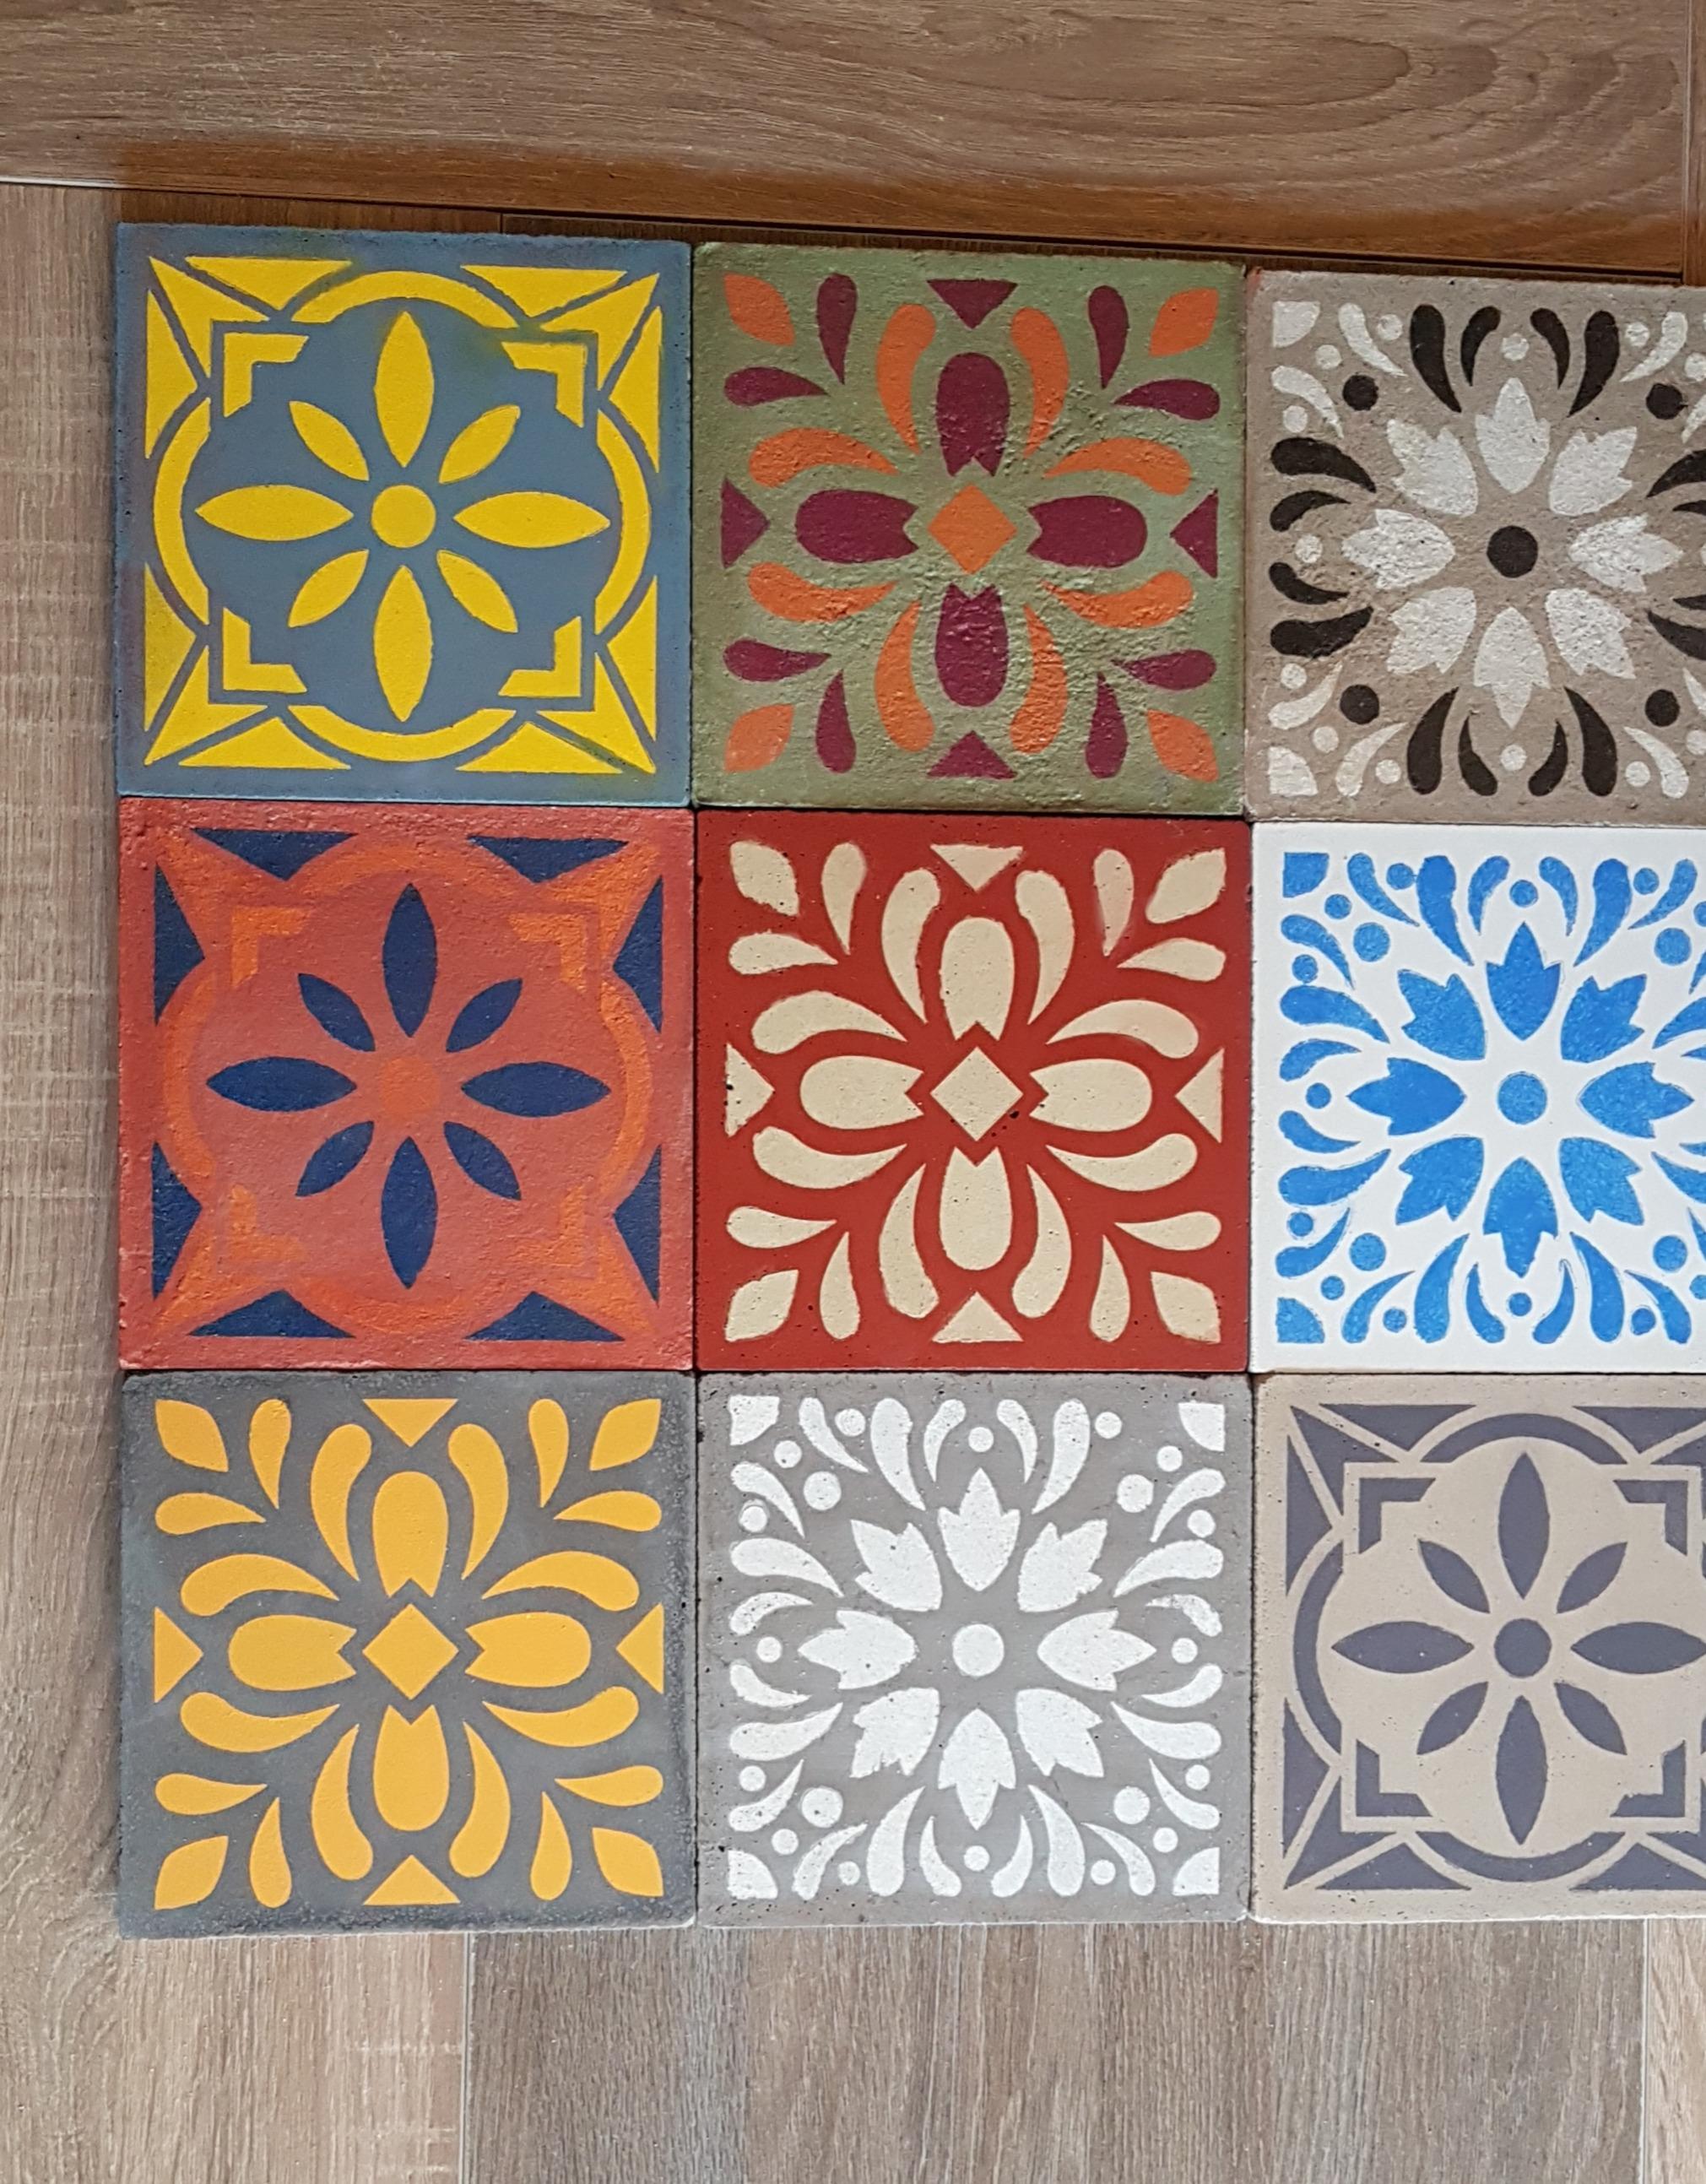 Faire Ses Pochoirs Soi Meme fabrication de carreaux de ciment (blog zôdio)